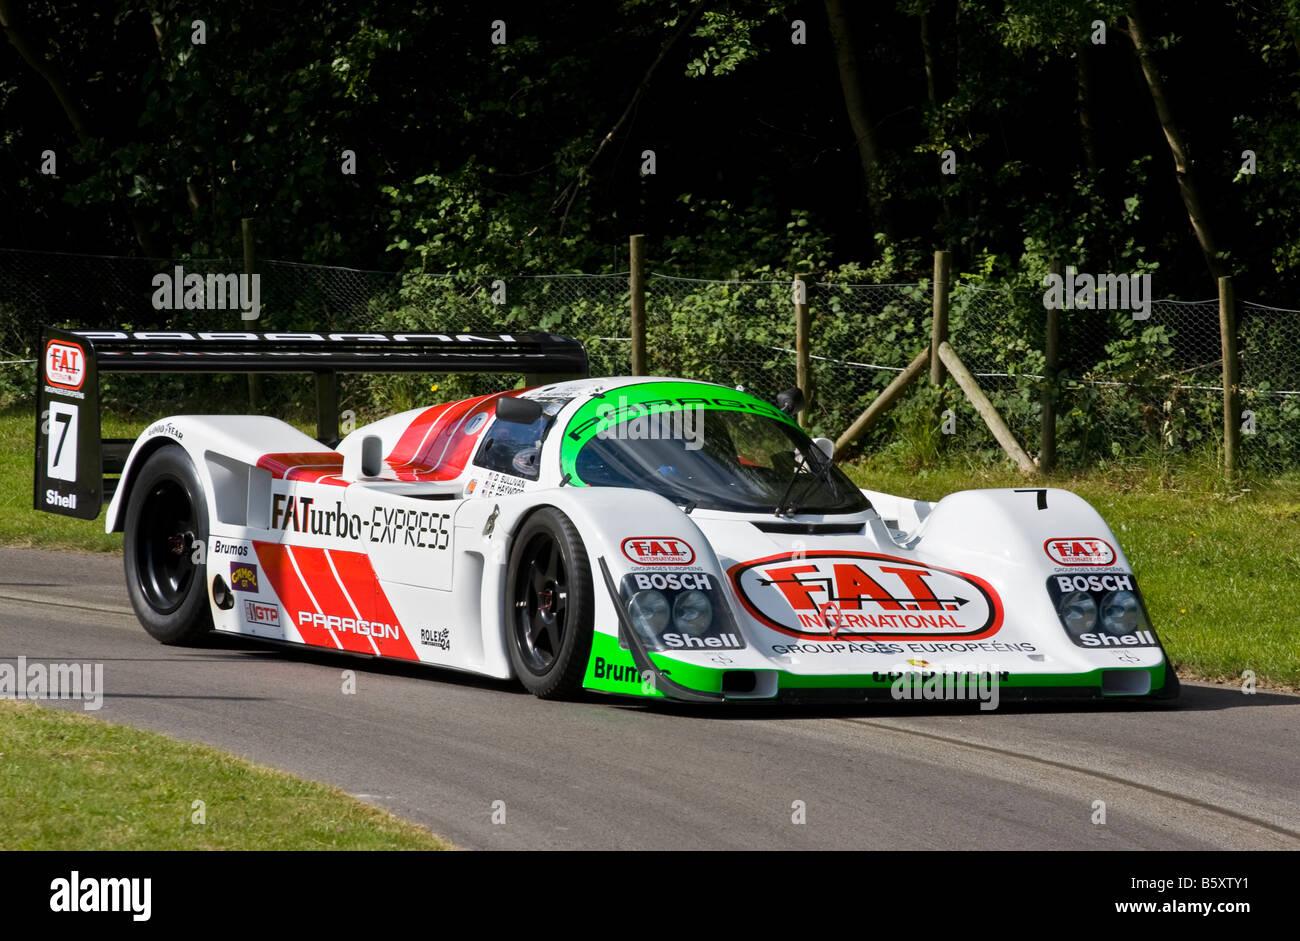 2008 Paragon Porsche 962 Le Mans Group C Racer With Driver